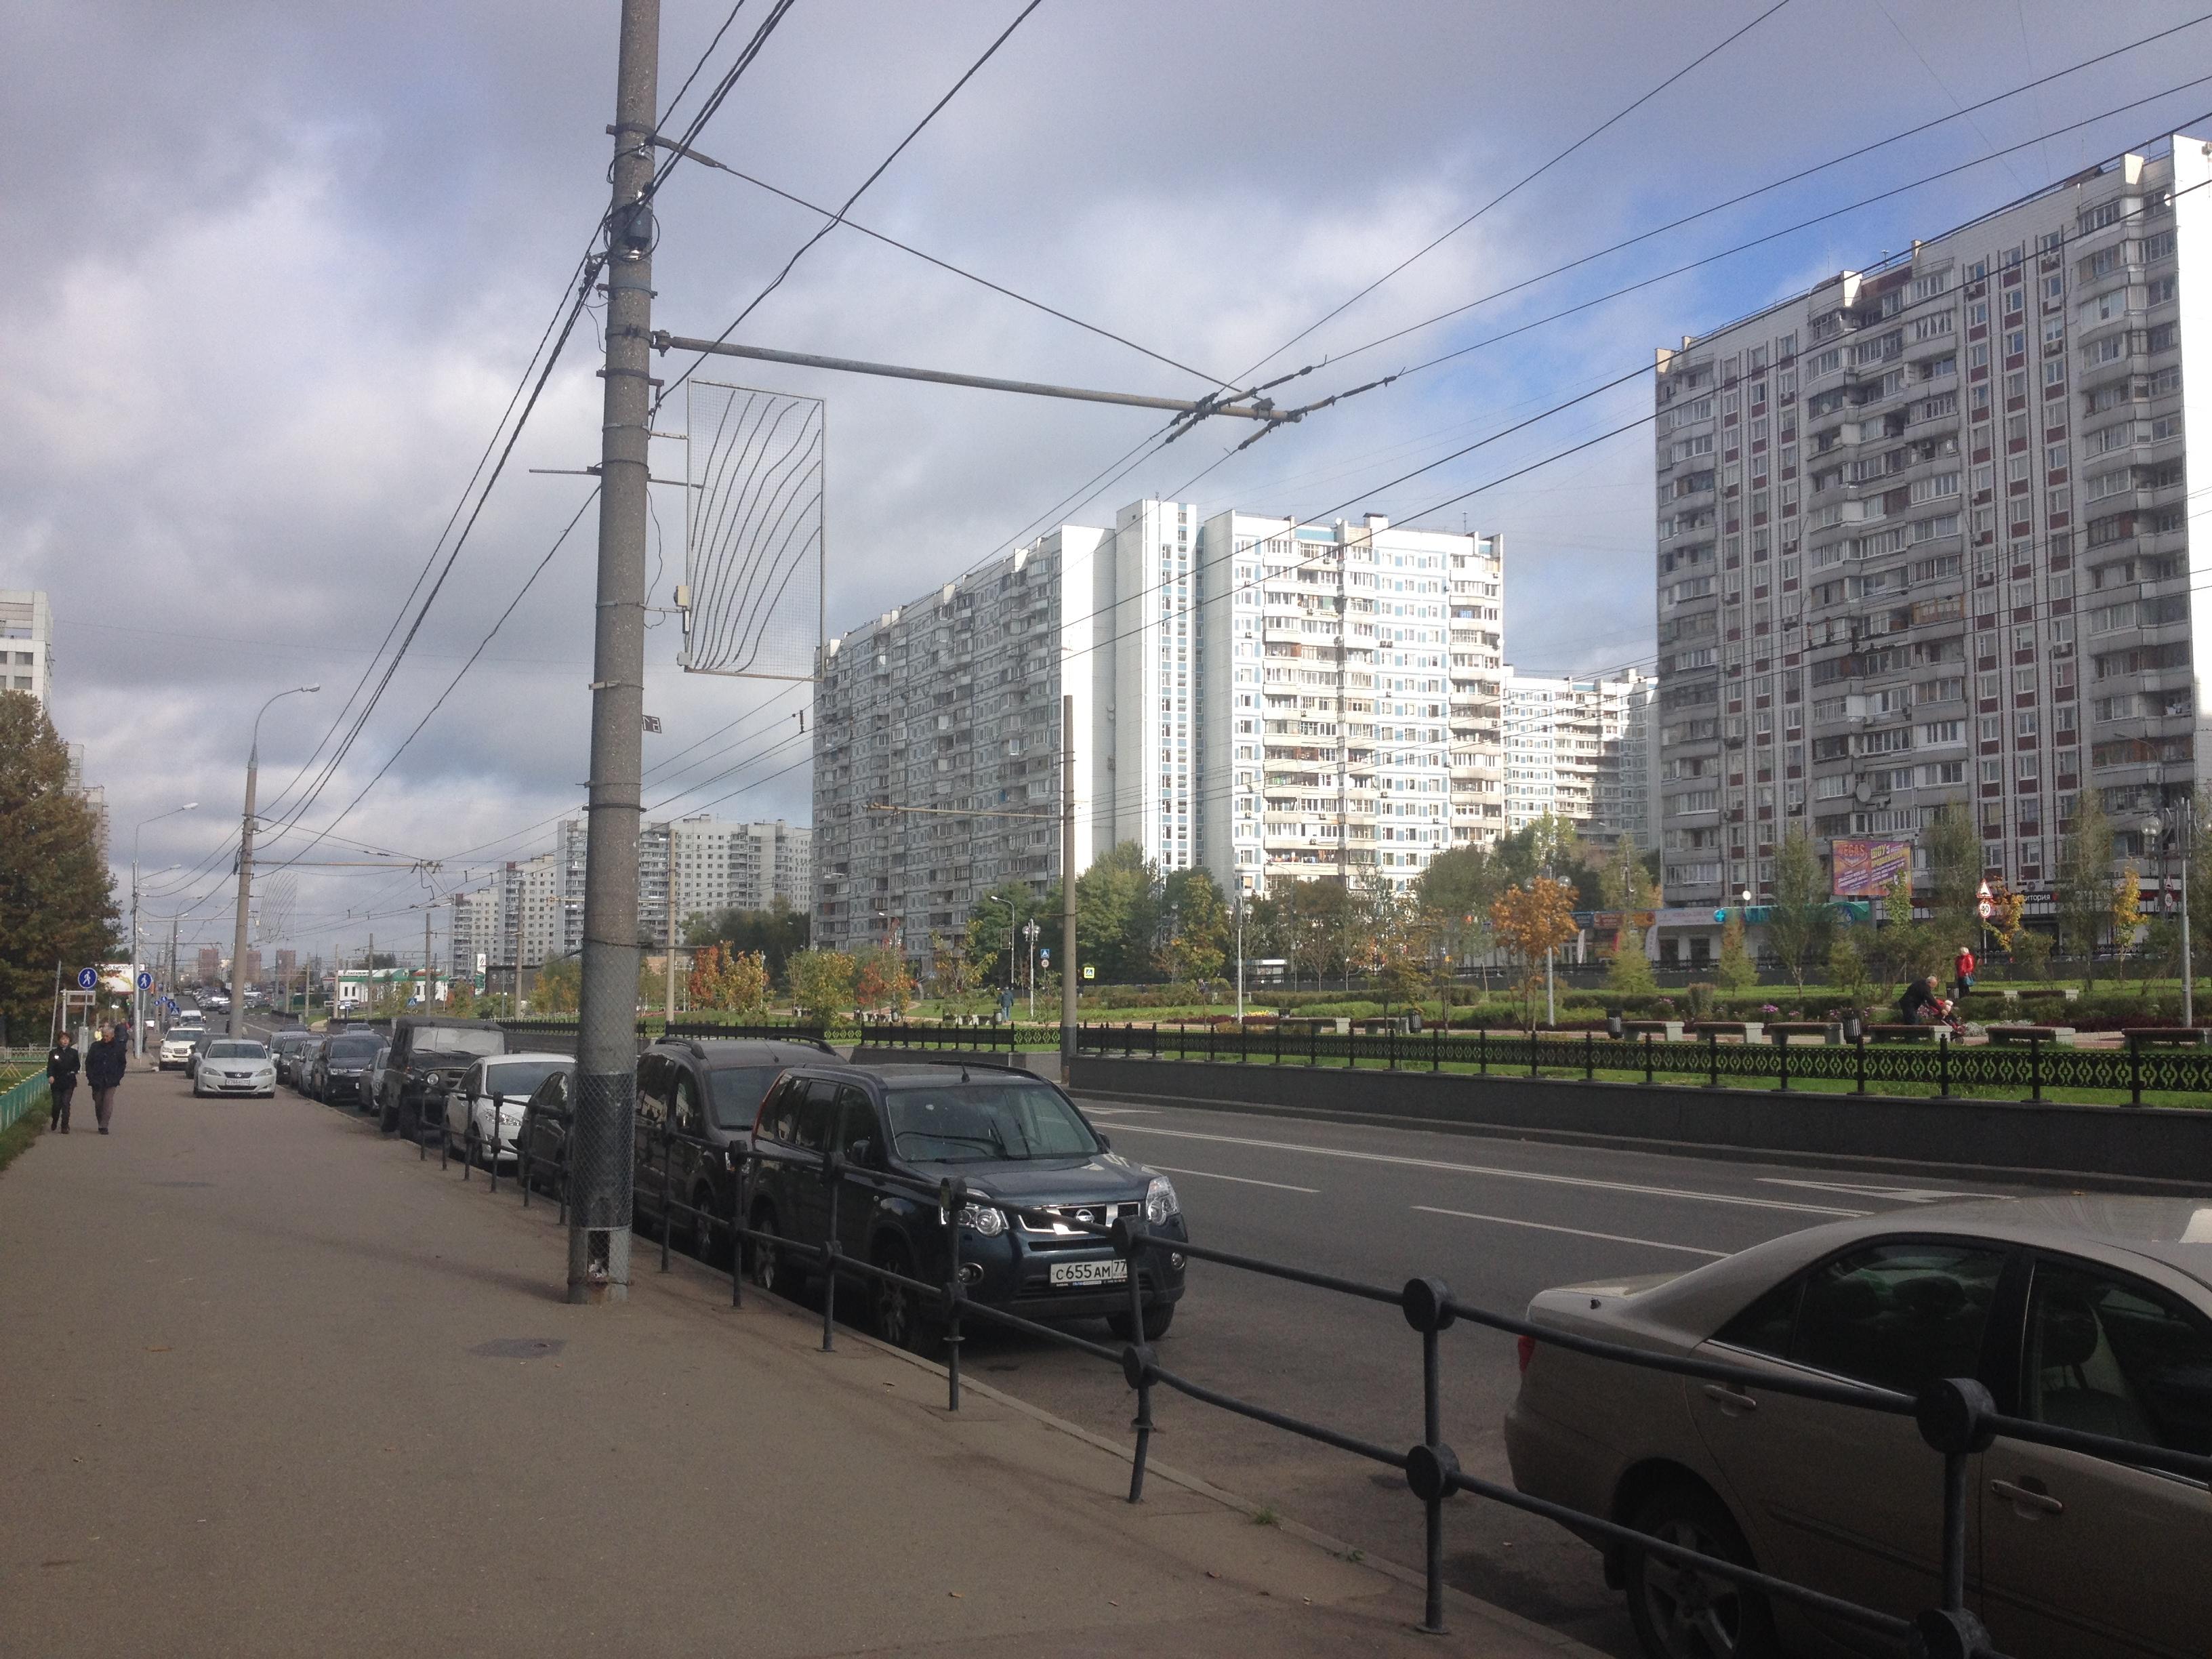 Типичная нерезиновая, недалеко от Рублёвки